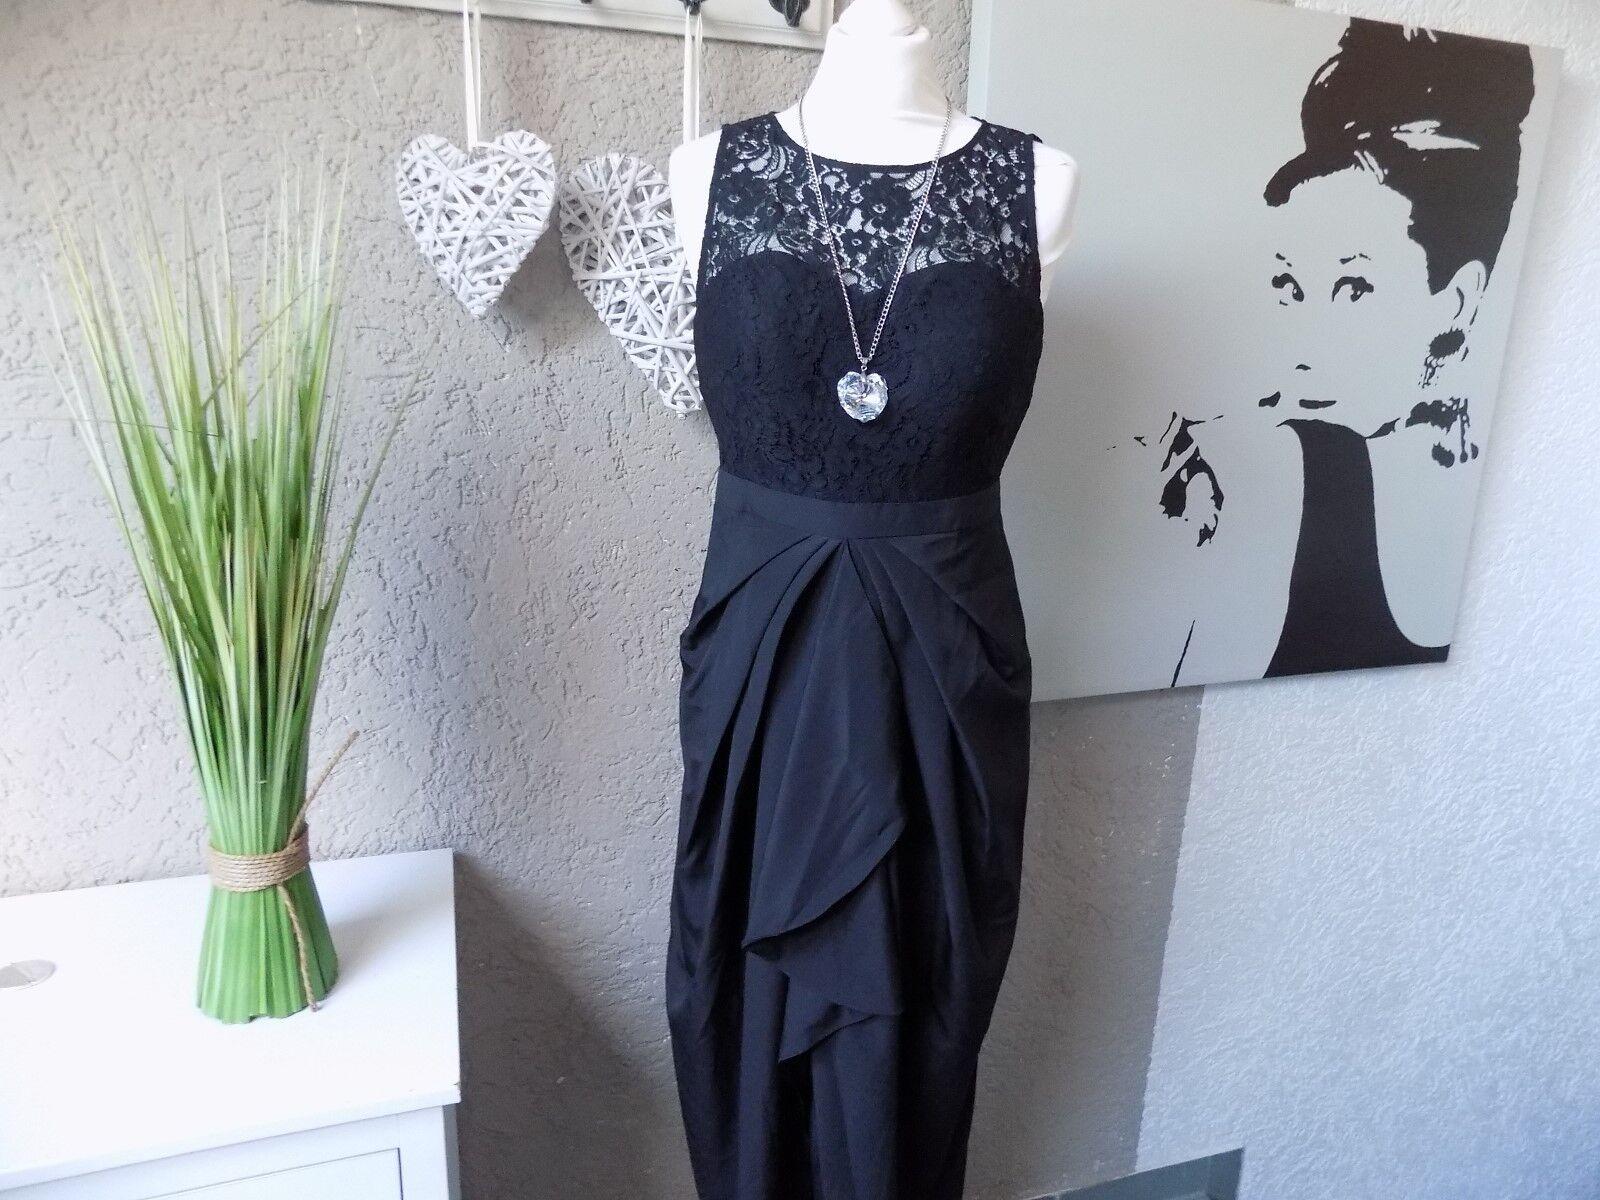 6bddf4af771 Laura Scott Abendkleid edel Spitze black 38 (42d) Gr. Kleid  nrwfgt17651-Dresses